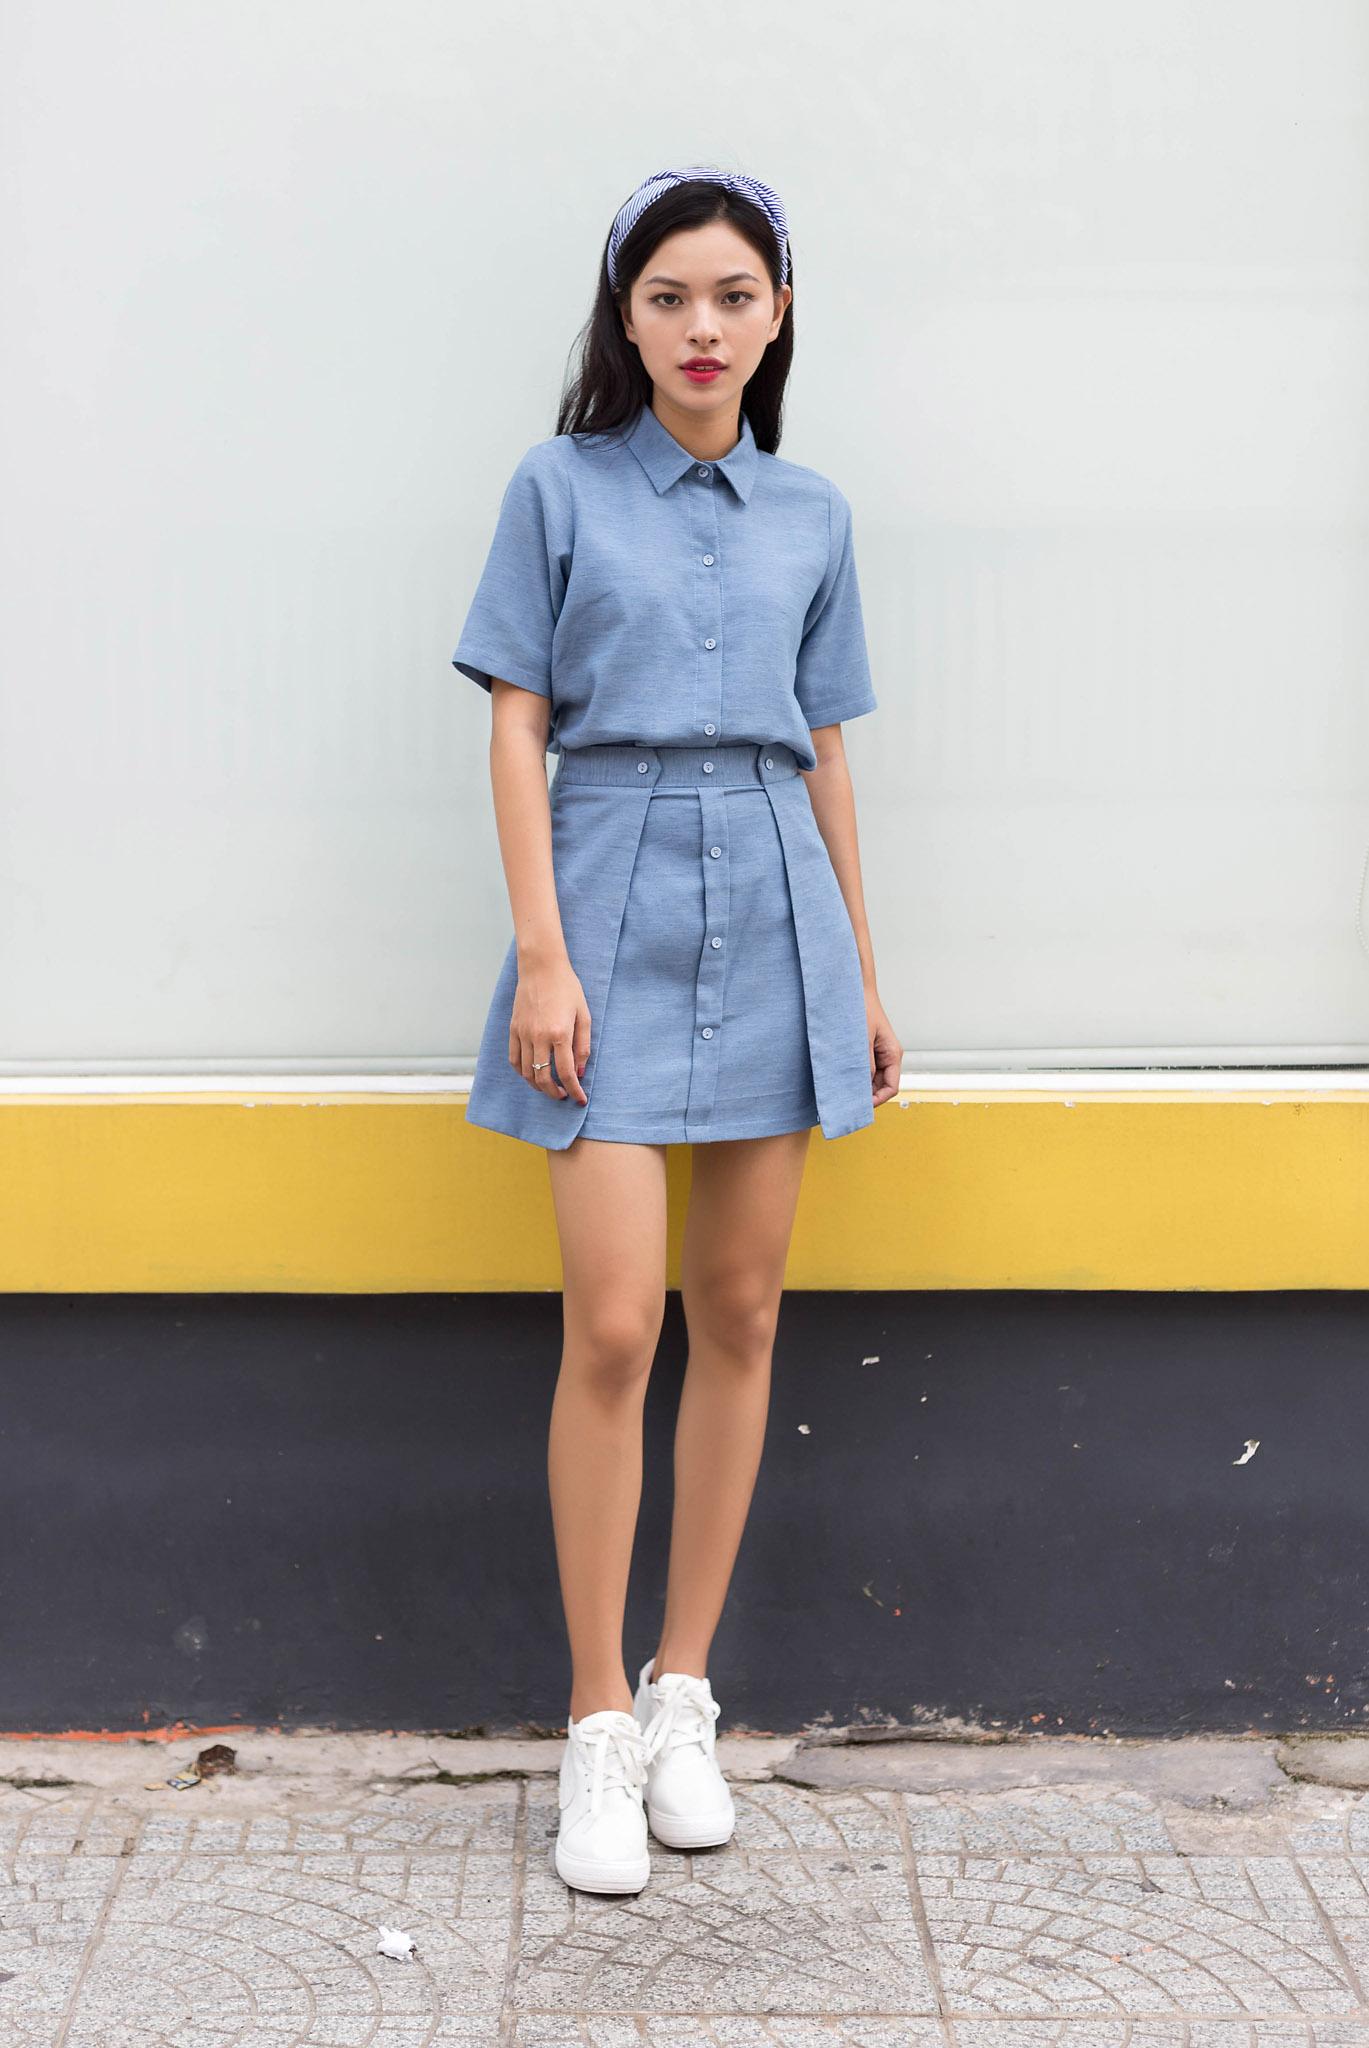 Top 25 shop bán quần áo đẹp, giá rẻ nổi tiếng nhất ở tpHCM